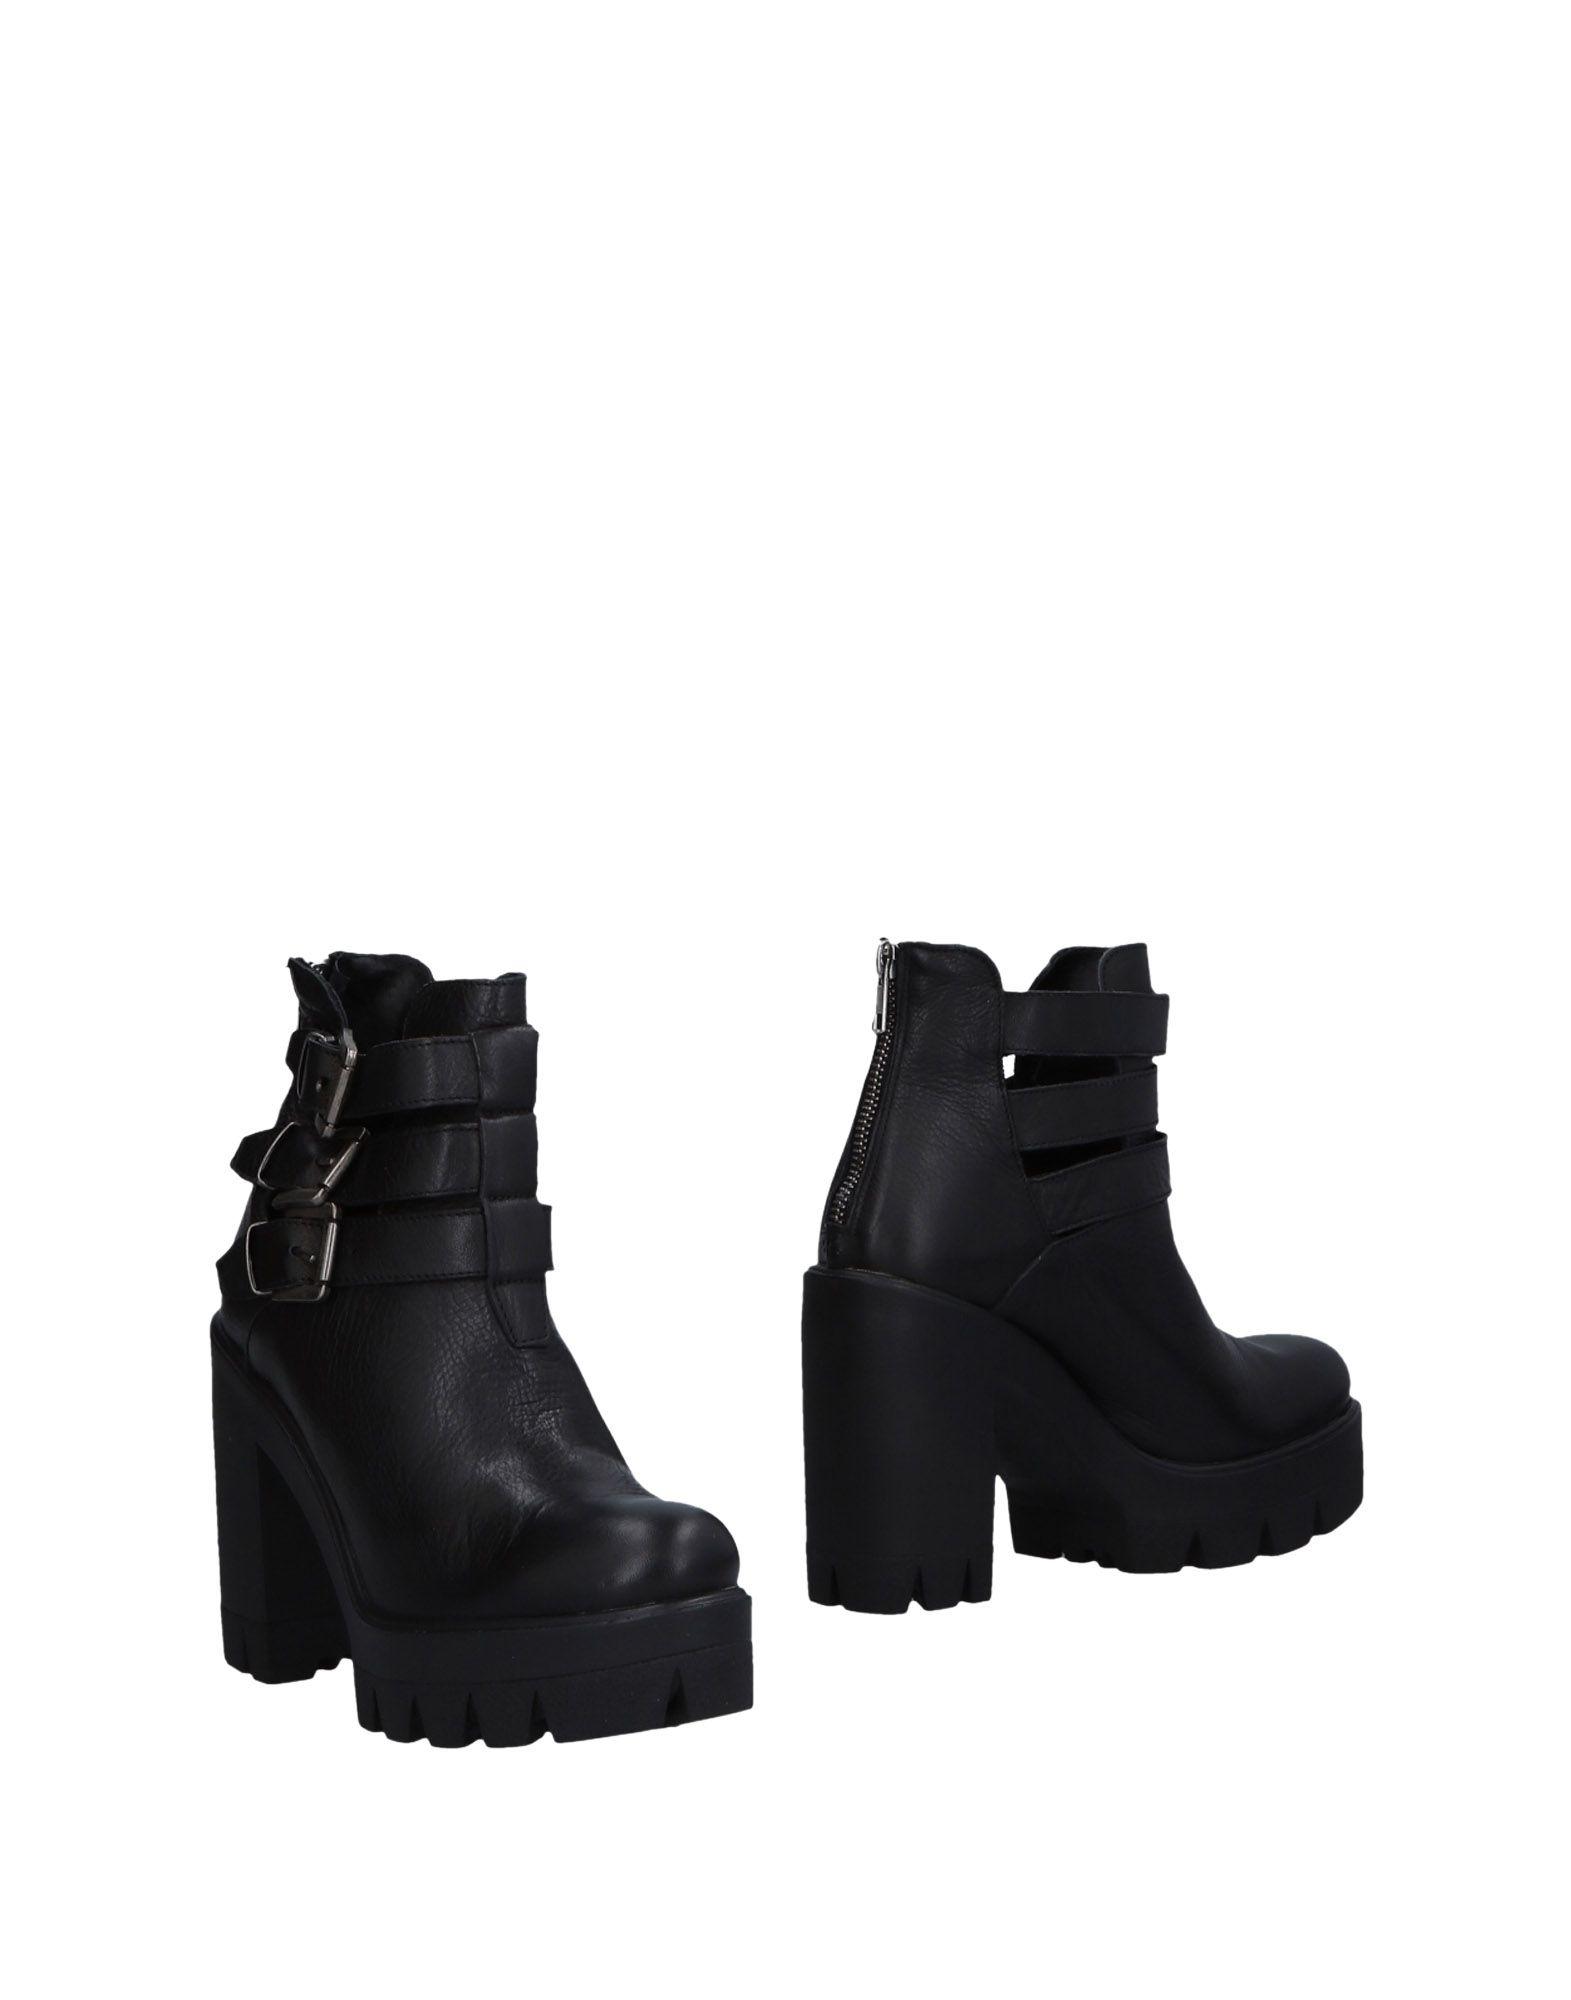 Bottine Stele Femme - Bottines Stele Noir Nouvelles chaussures pour hommes et femmes, remise limitée dans le temps